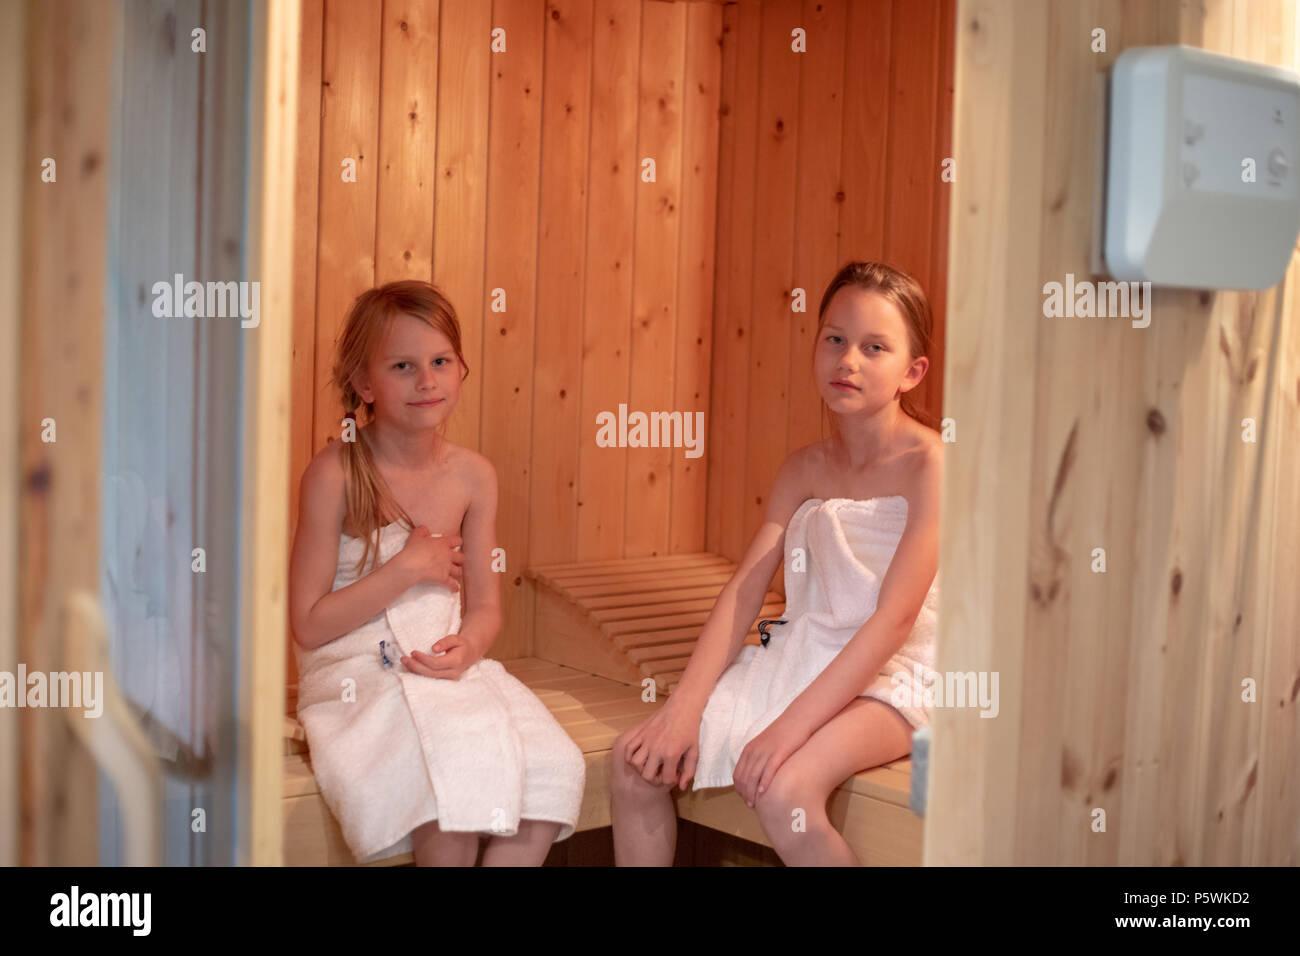 Dos niñas han envuelto en toallas y están sentados en una